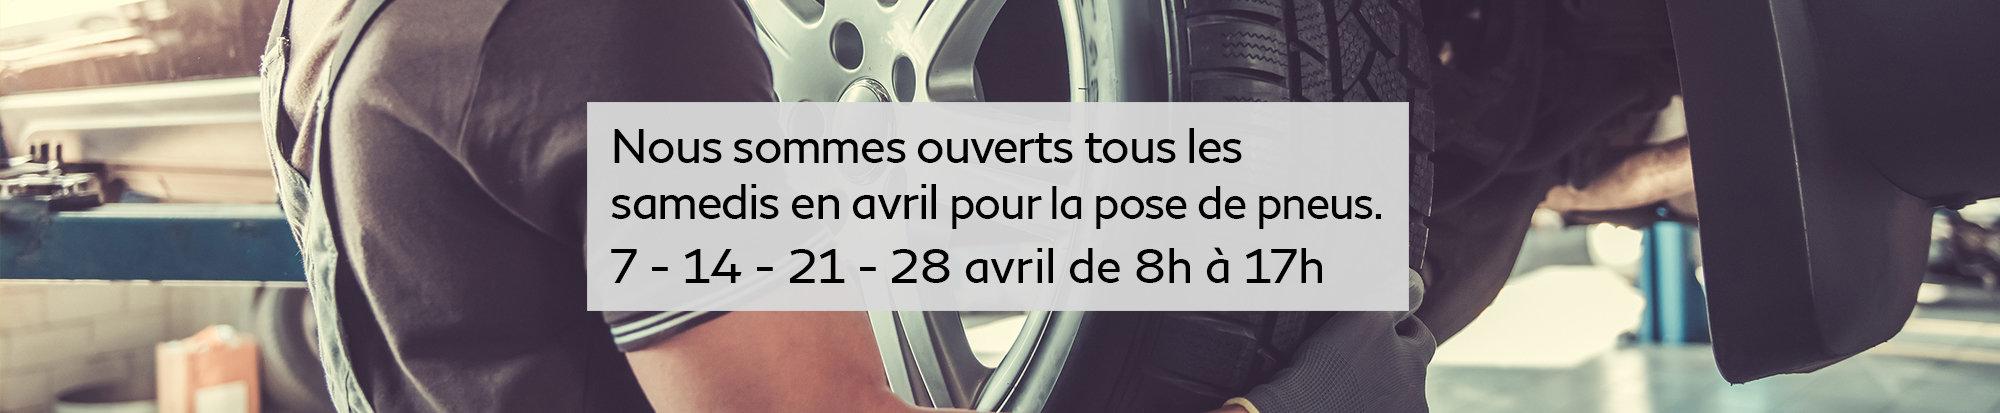 Ouvert tous les samedis d'avril pour la pose de pneus - web